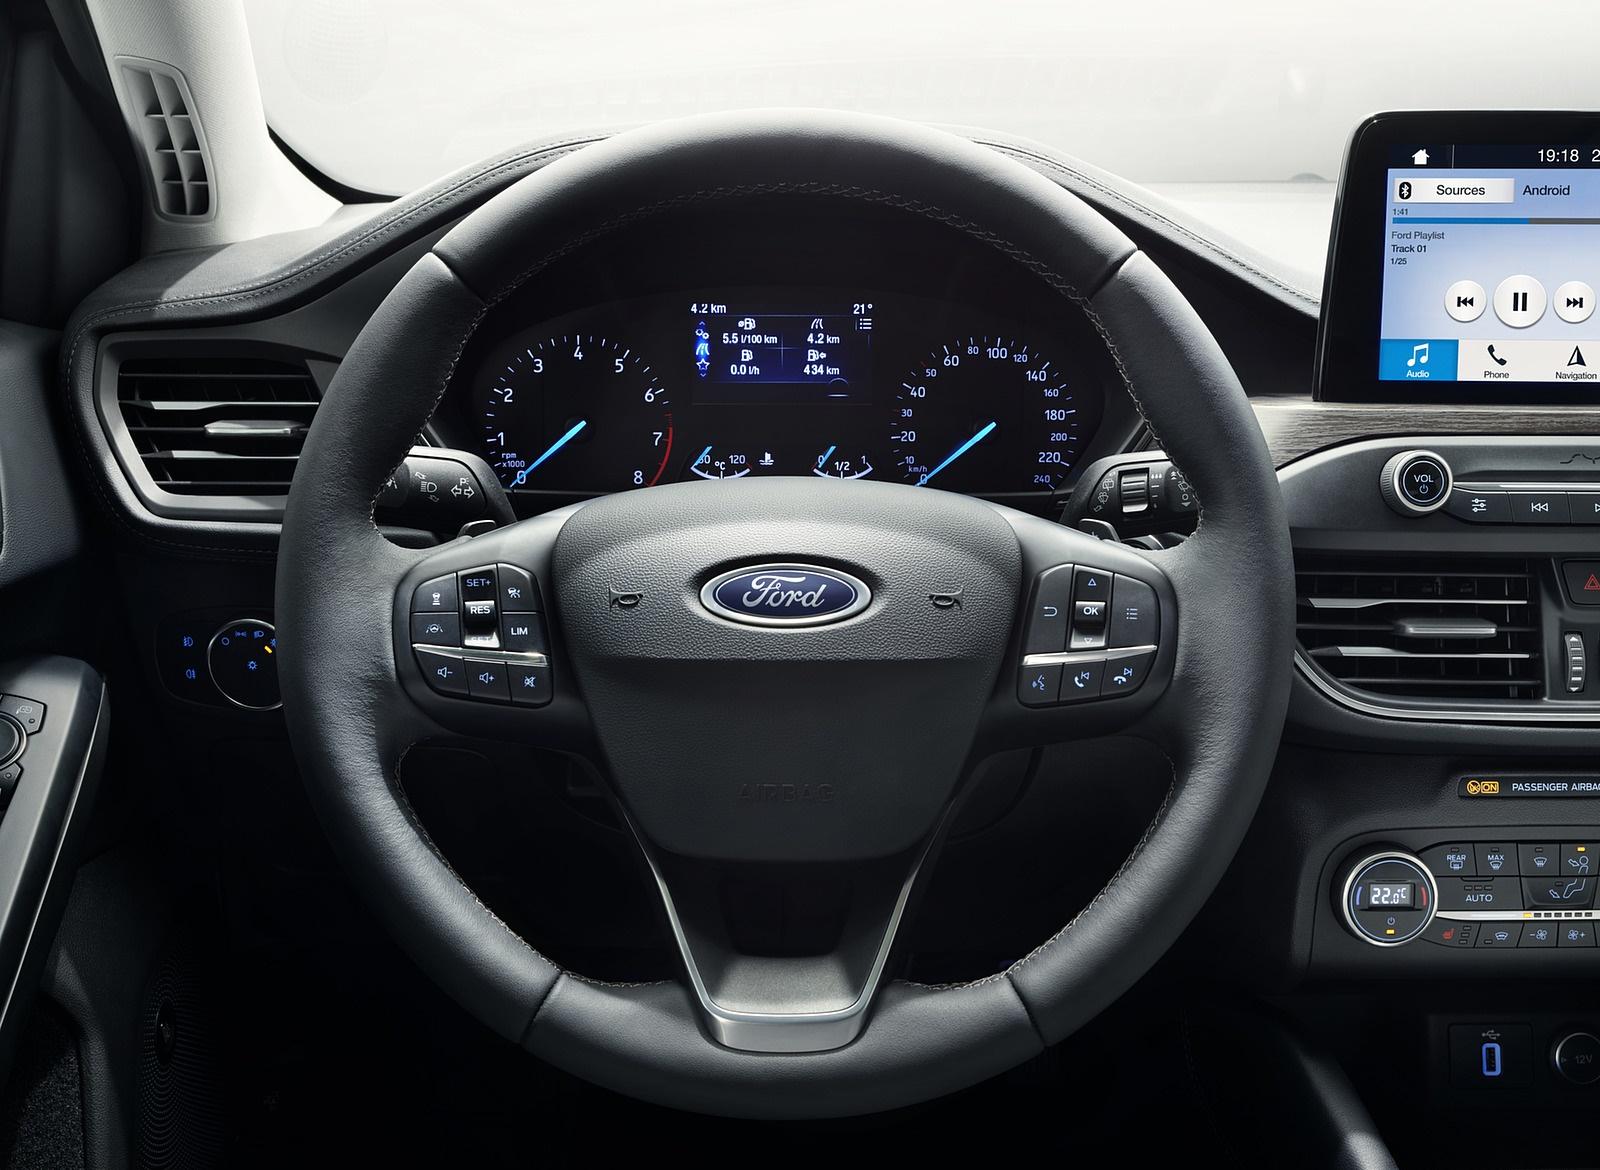 2019 Ford Focus Hatchback Vignale Interior Steering Wheel Wallpapers